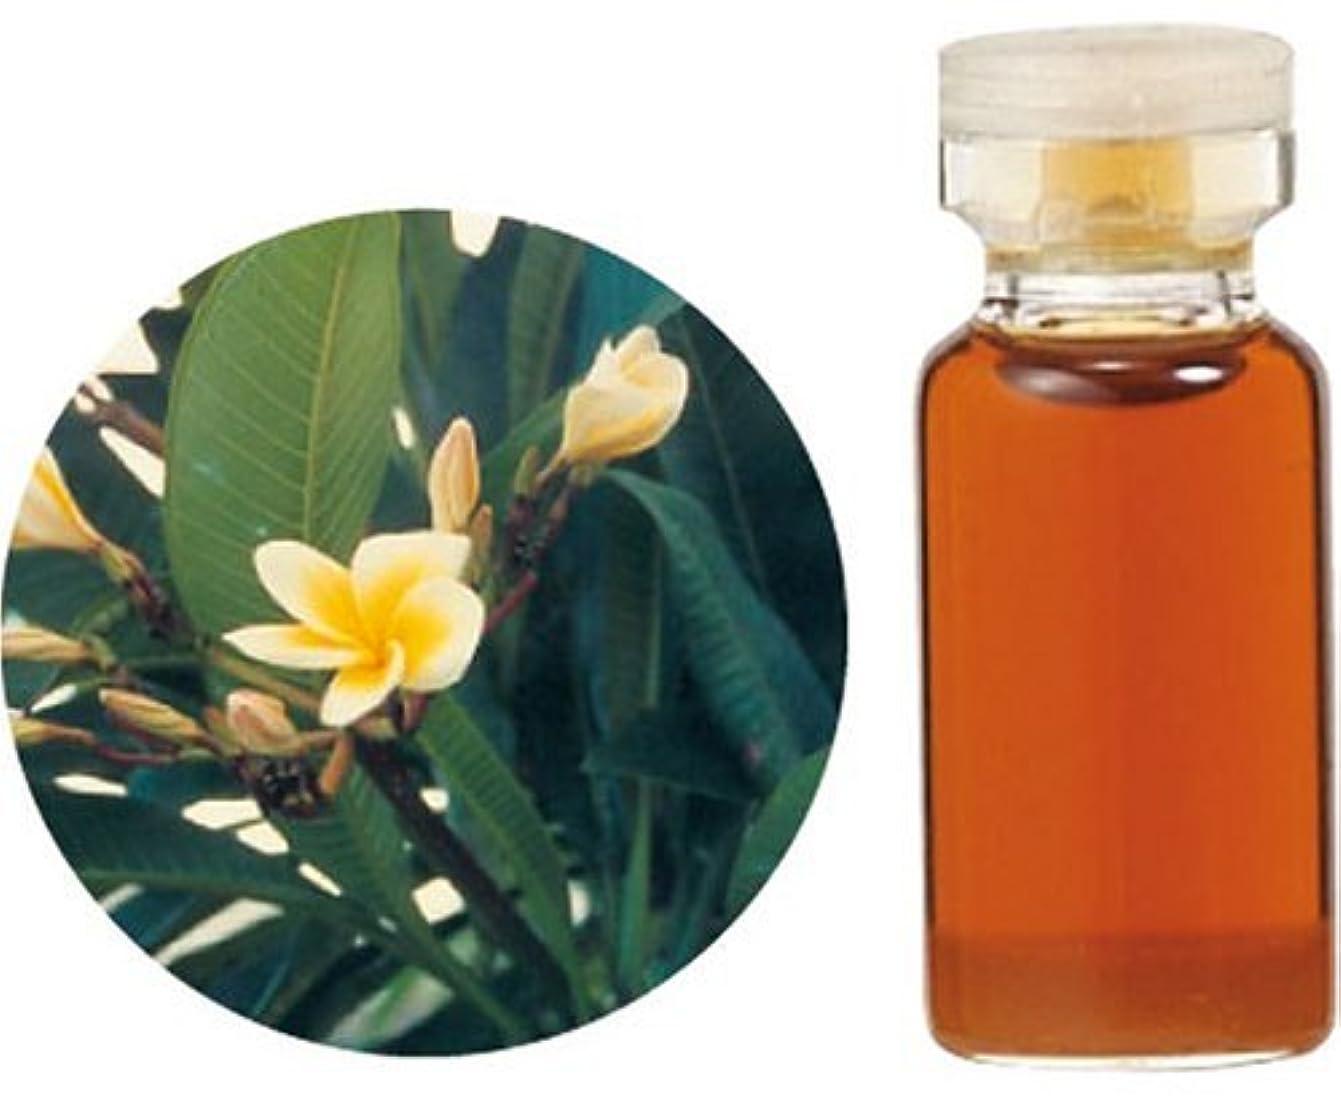 与える真似る回答Herbal Life フランジュパニAbs 25%希釈液 1ml